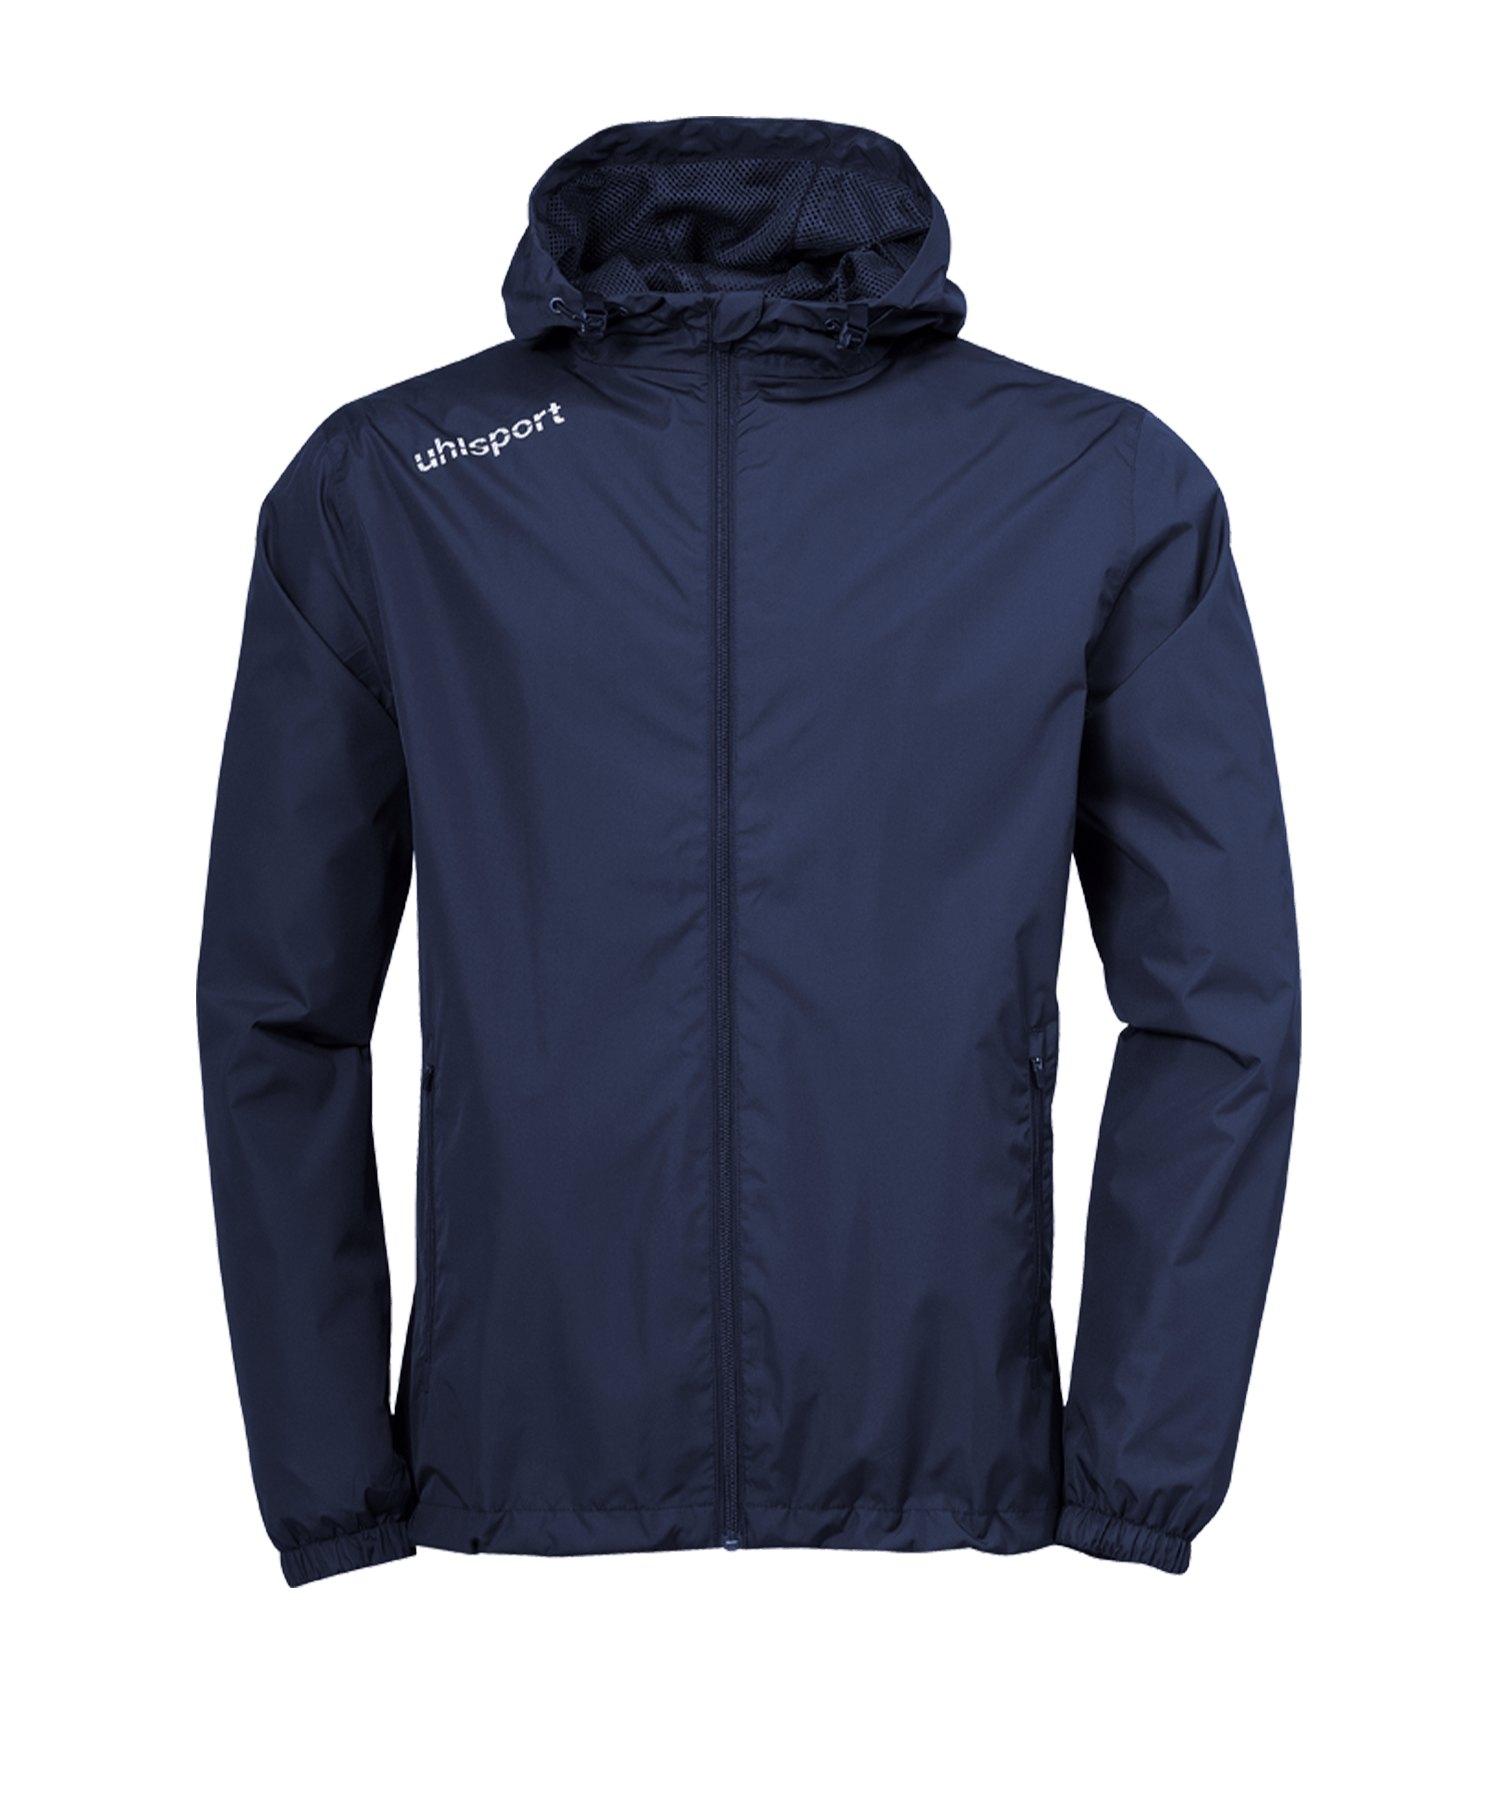 Uhlsport Essential Regenjacke Blau Weiss F09 - blau